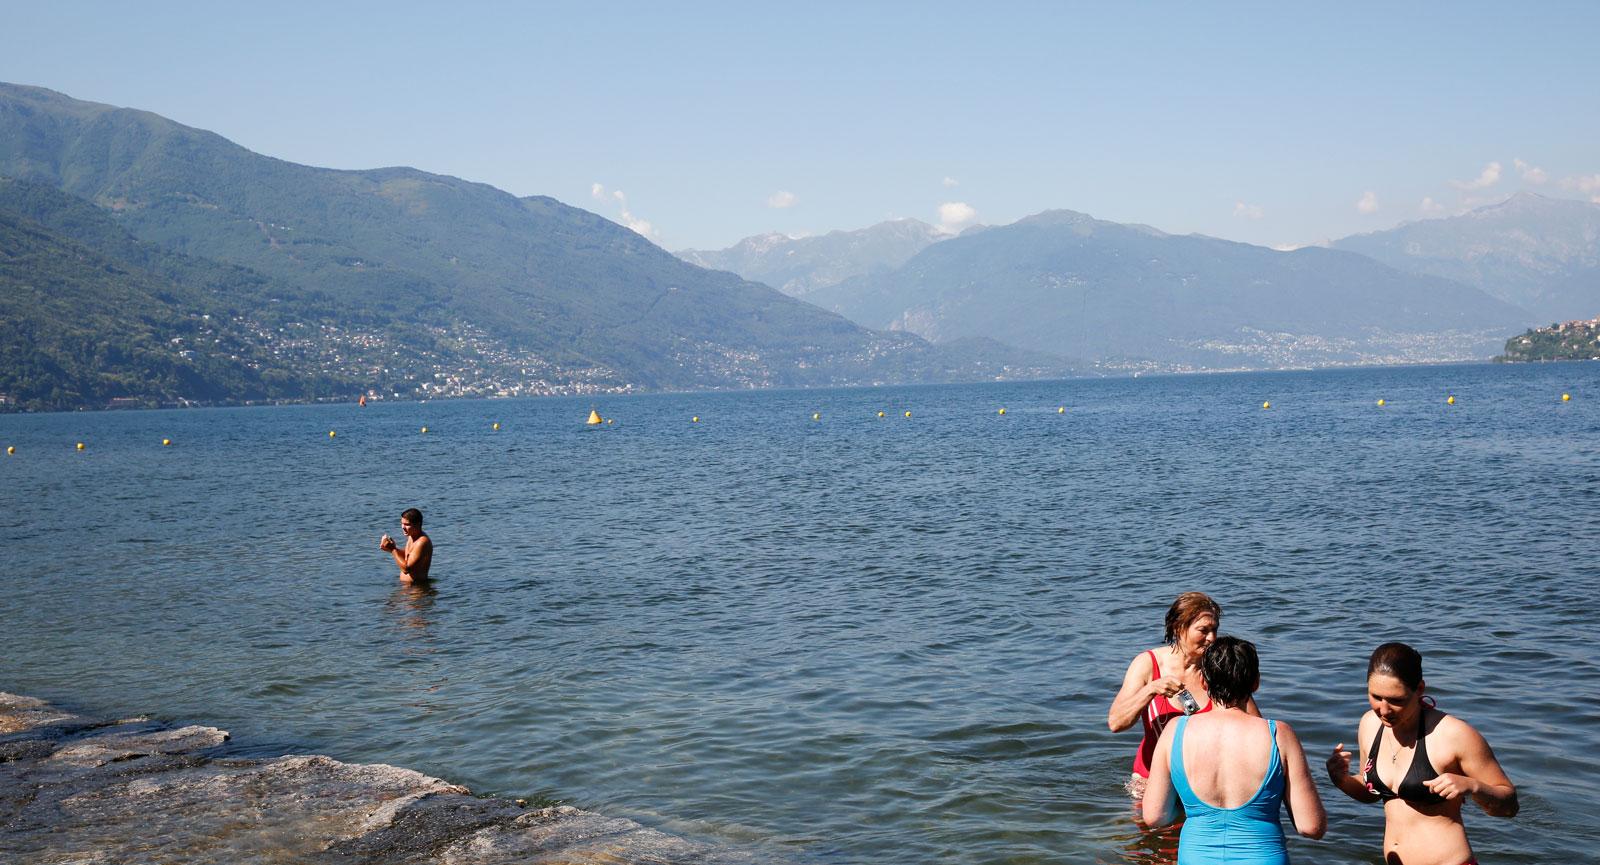 Spontana bad kring Lago Maggiore, Cannero.